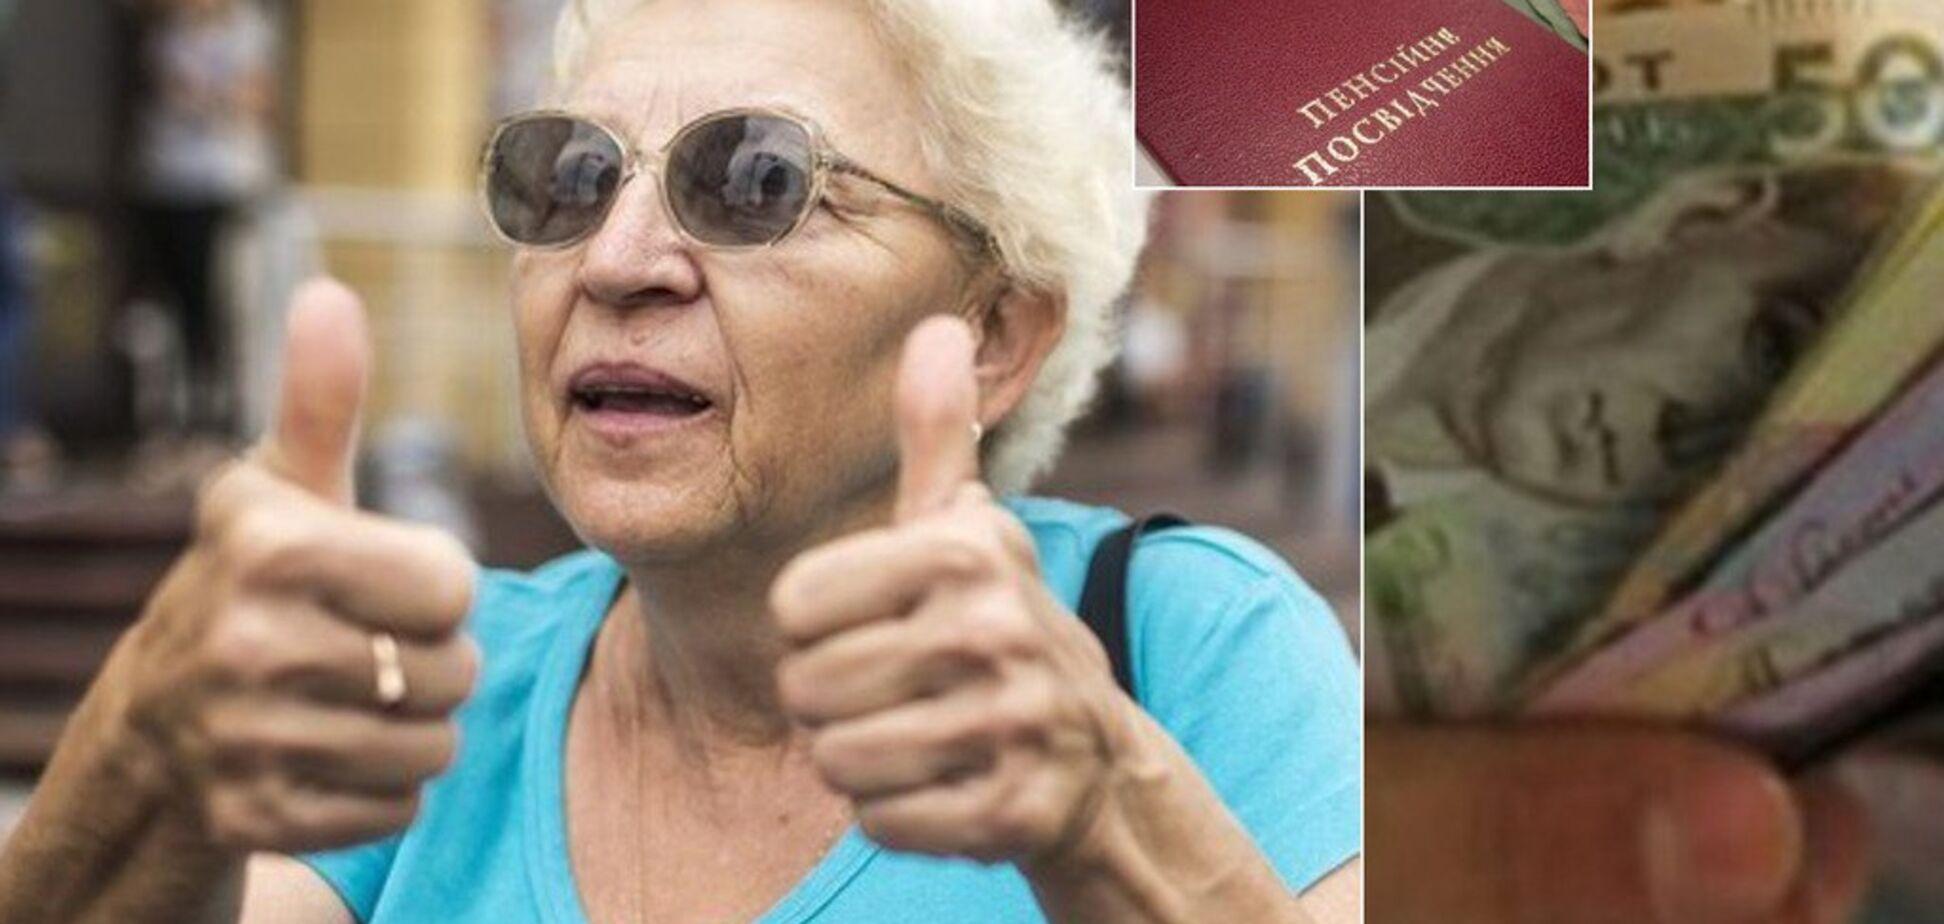 Украинцам кардинально повысят пенсии: кто не получит и какая прибавка